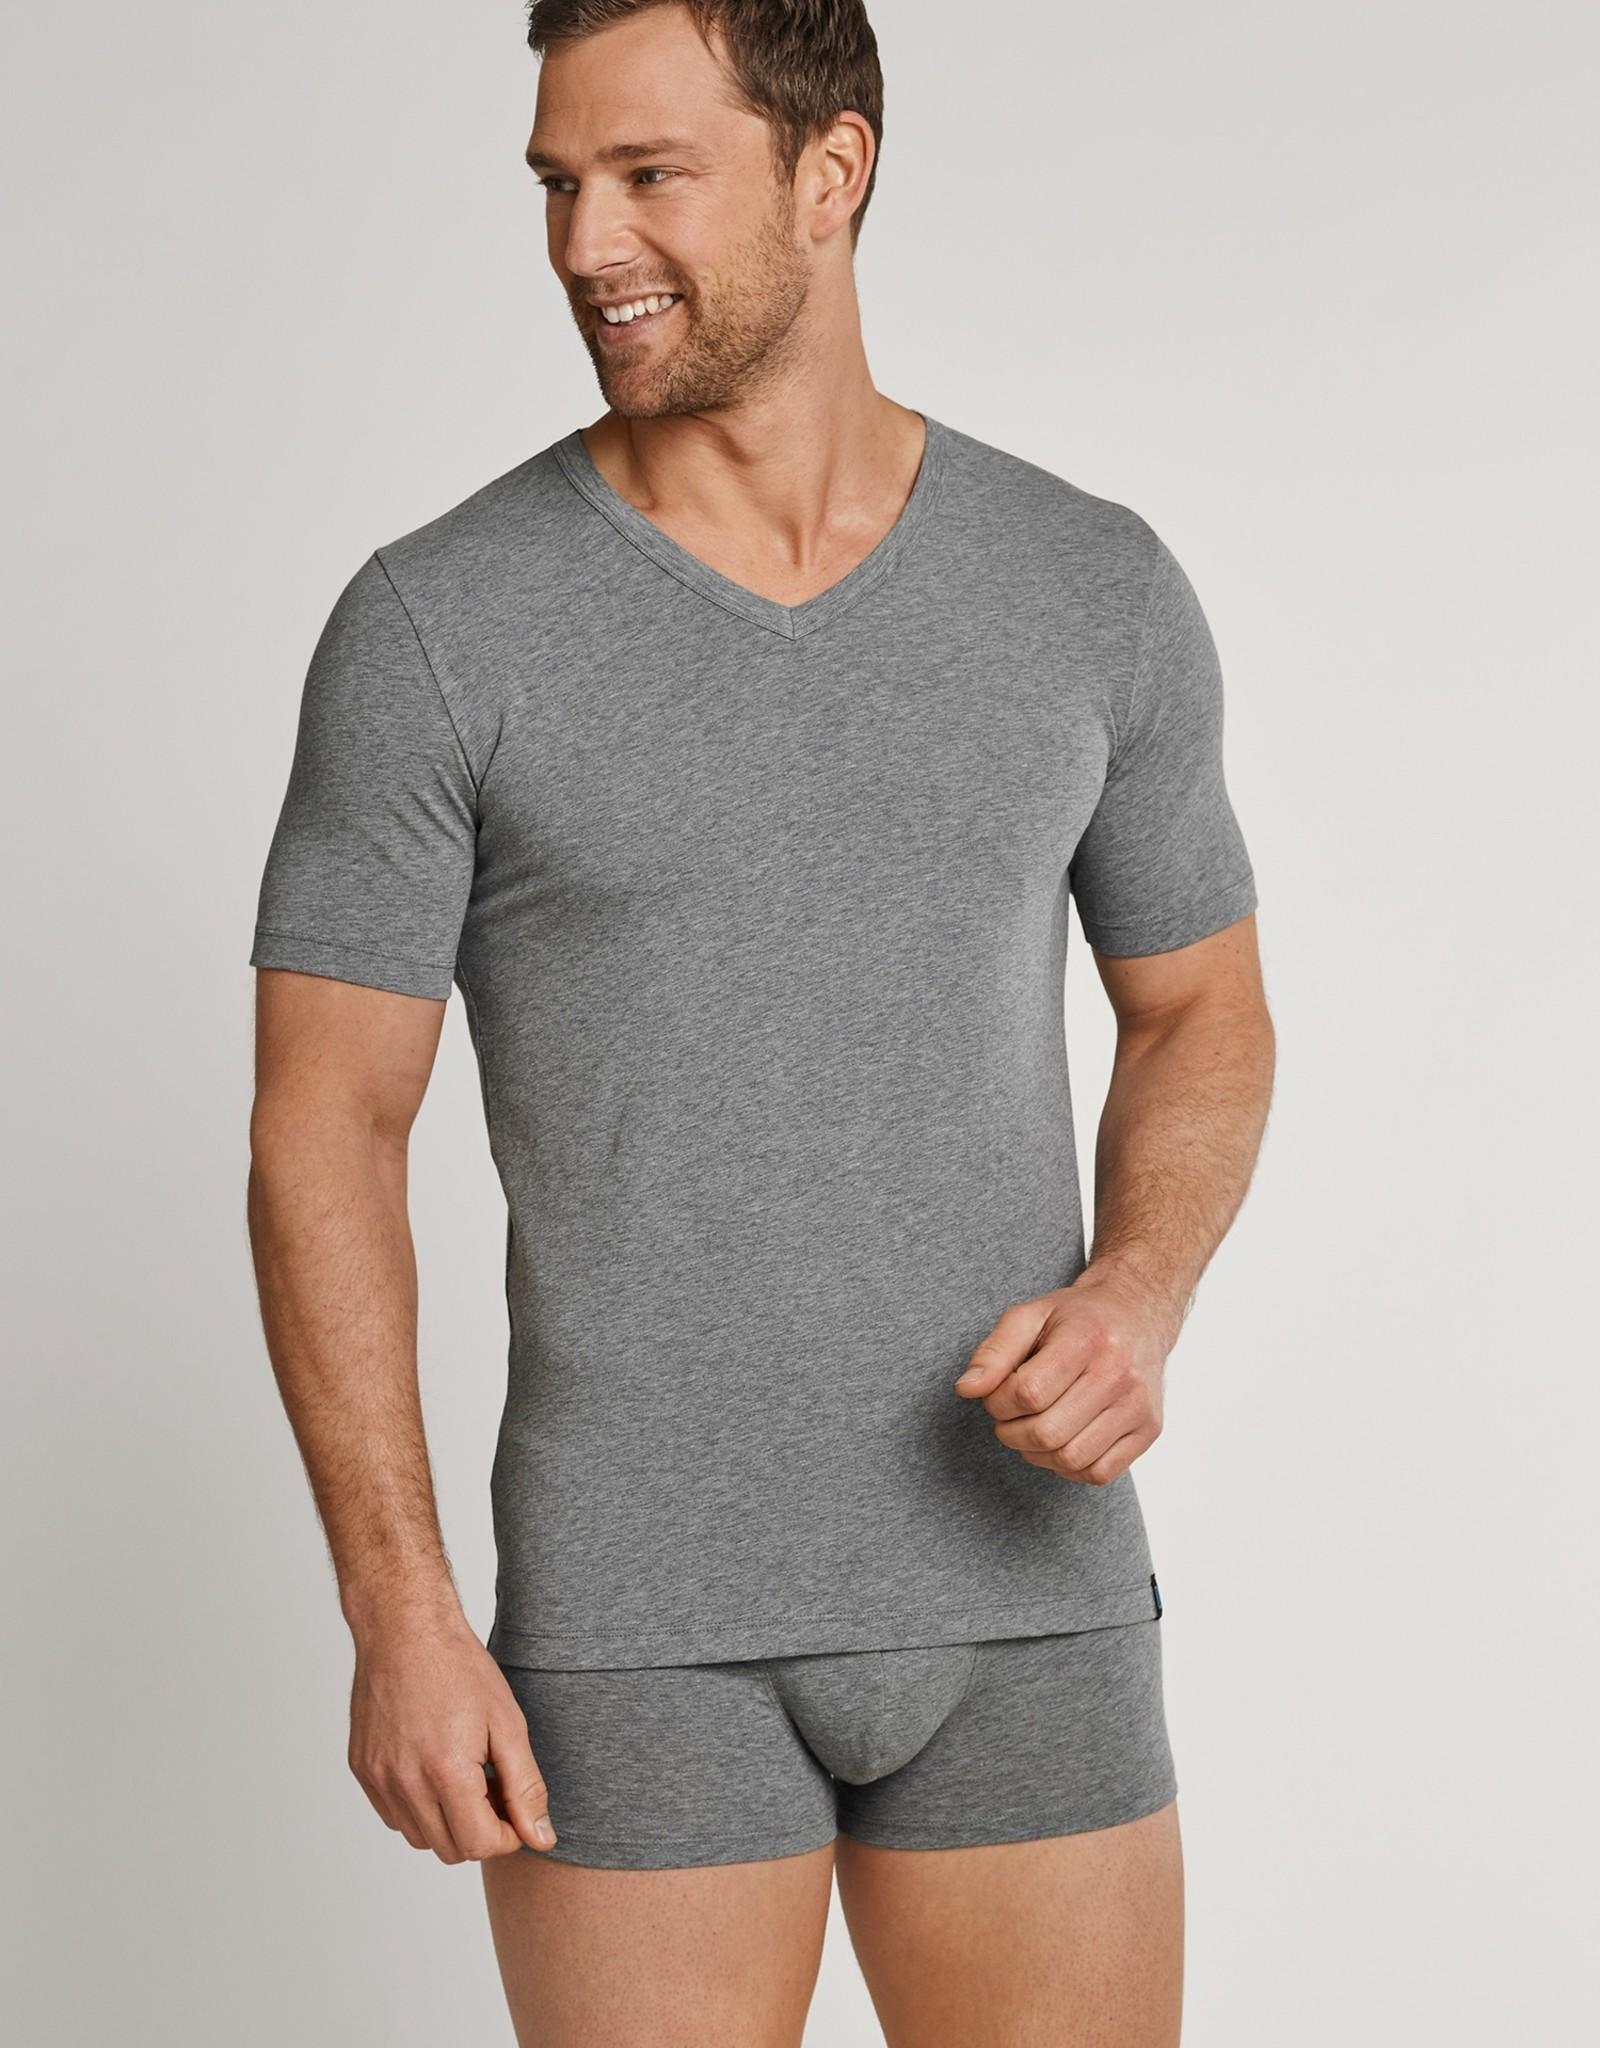 Schiesser Heren Shirt 95/5, 205429-202